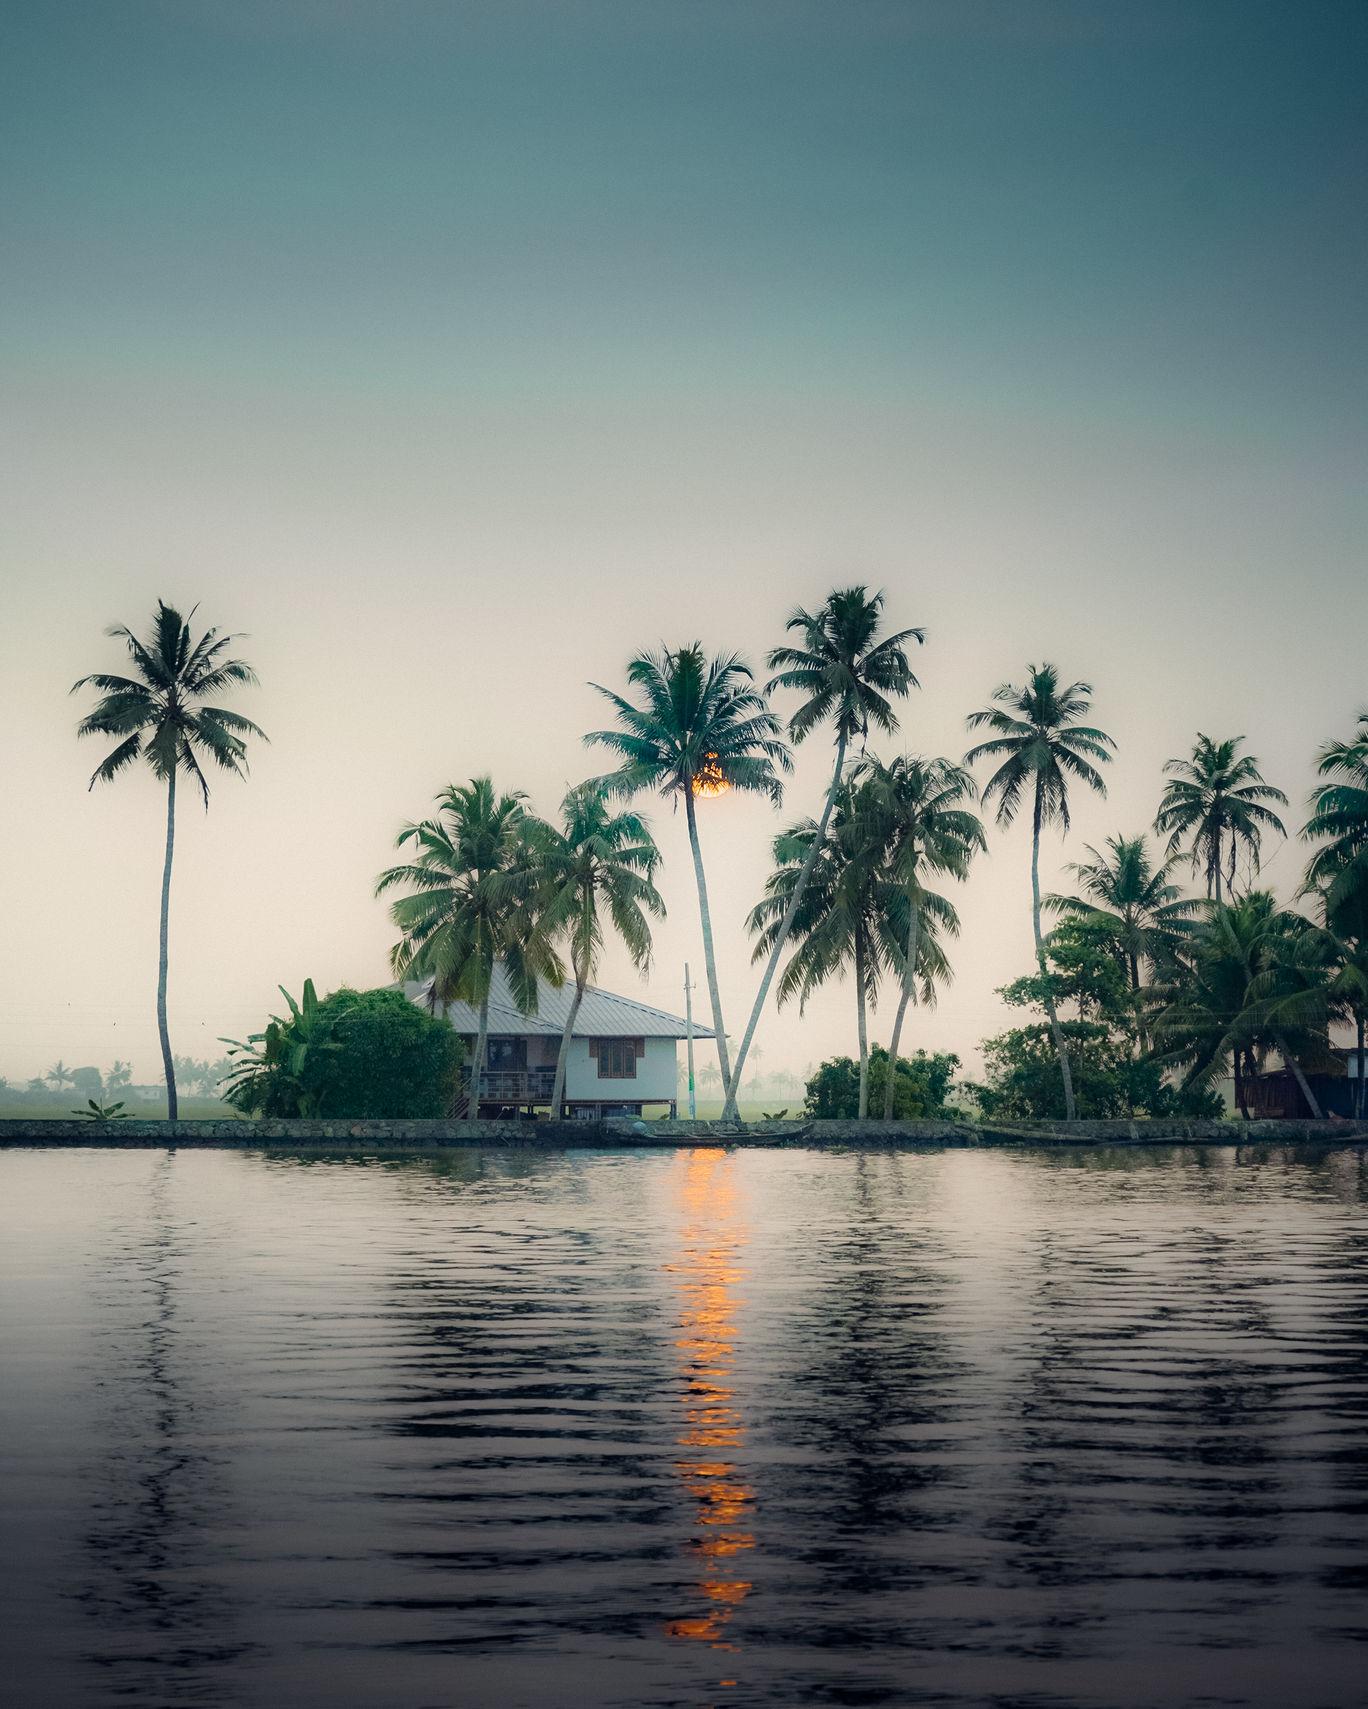 Photo of Kainakary By sajad machu